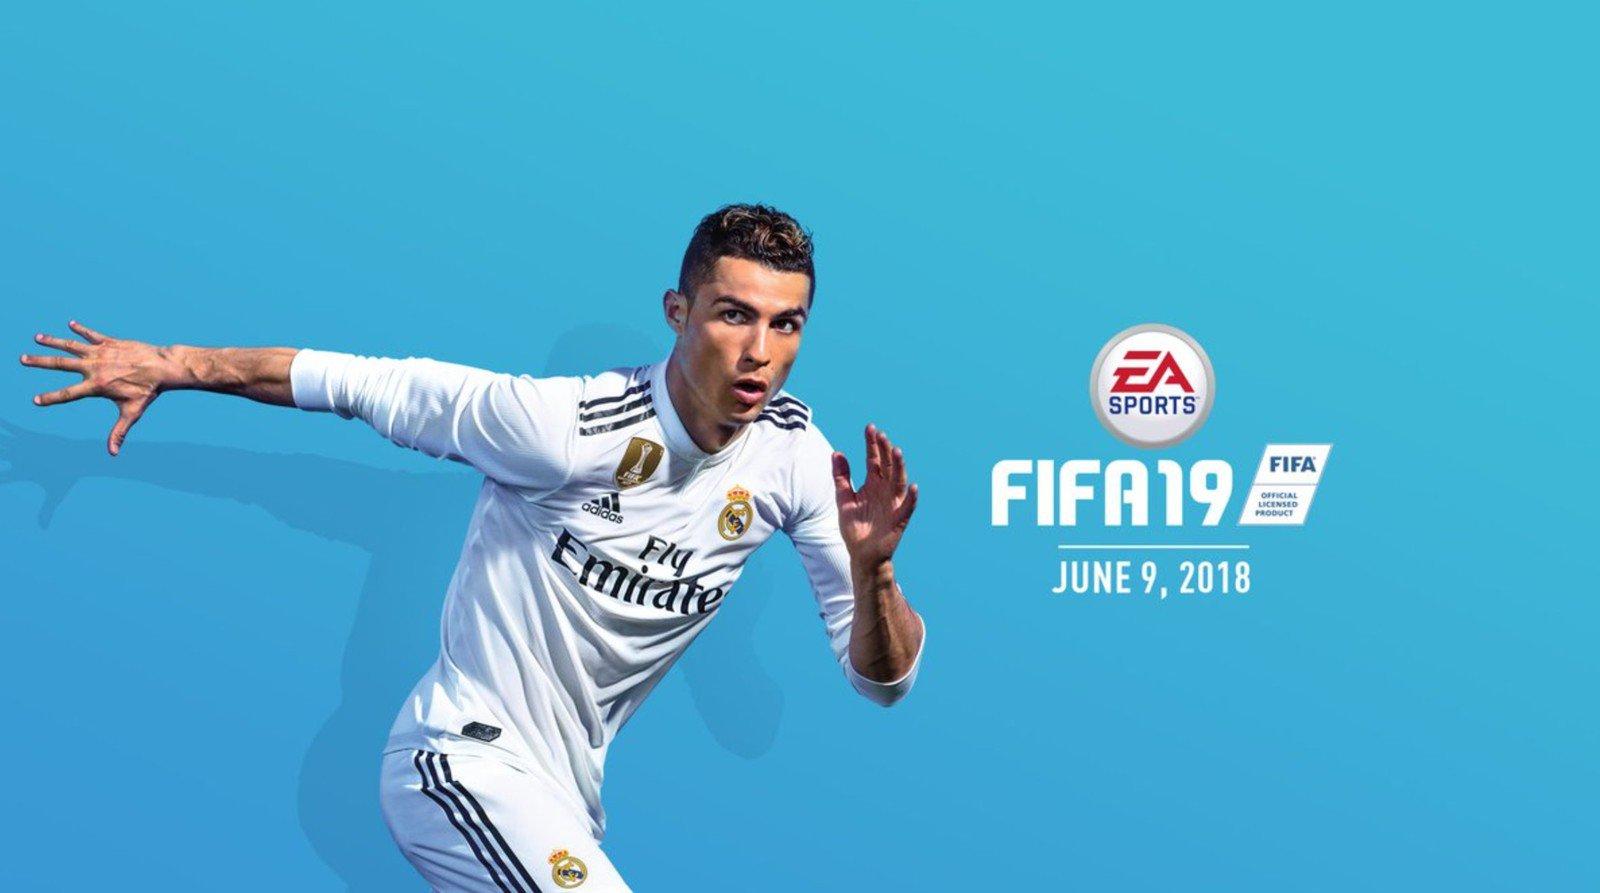 تحميل لعبة فيفا 2017 للكمبيوتر من ميديا فاير